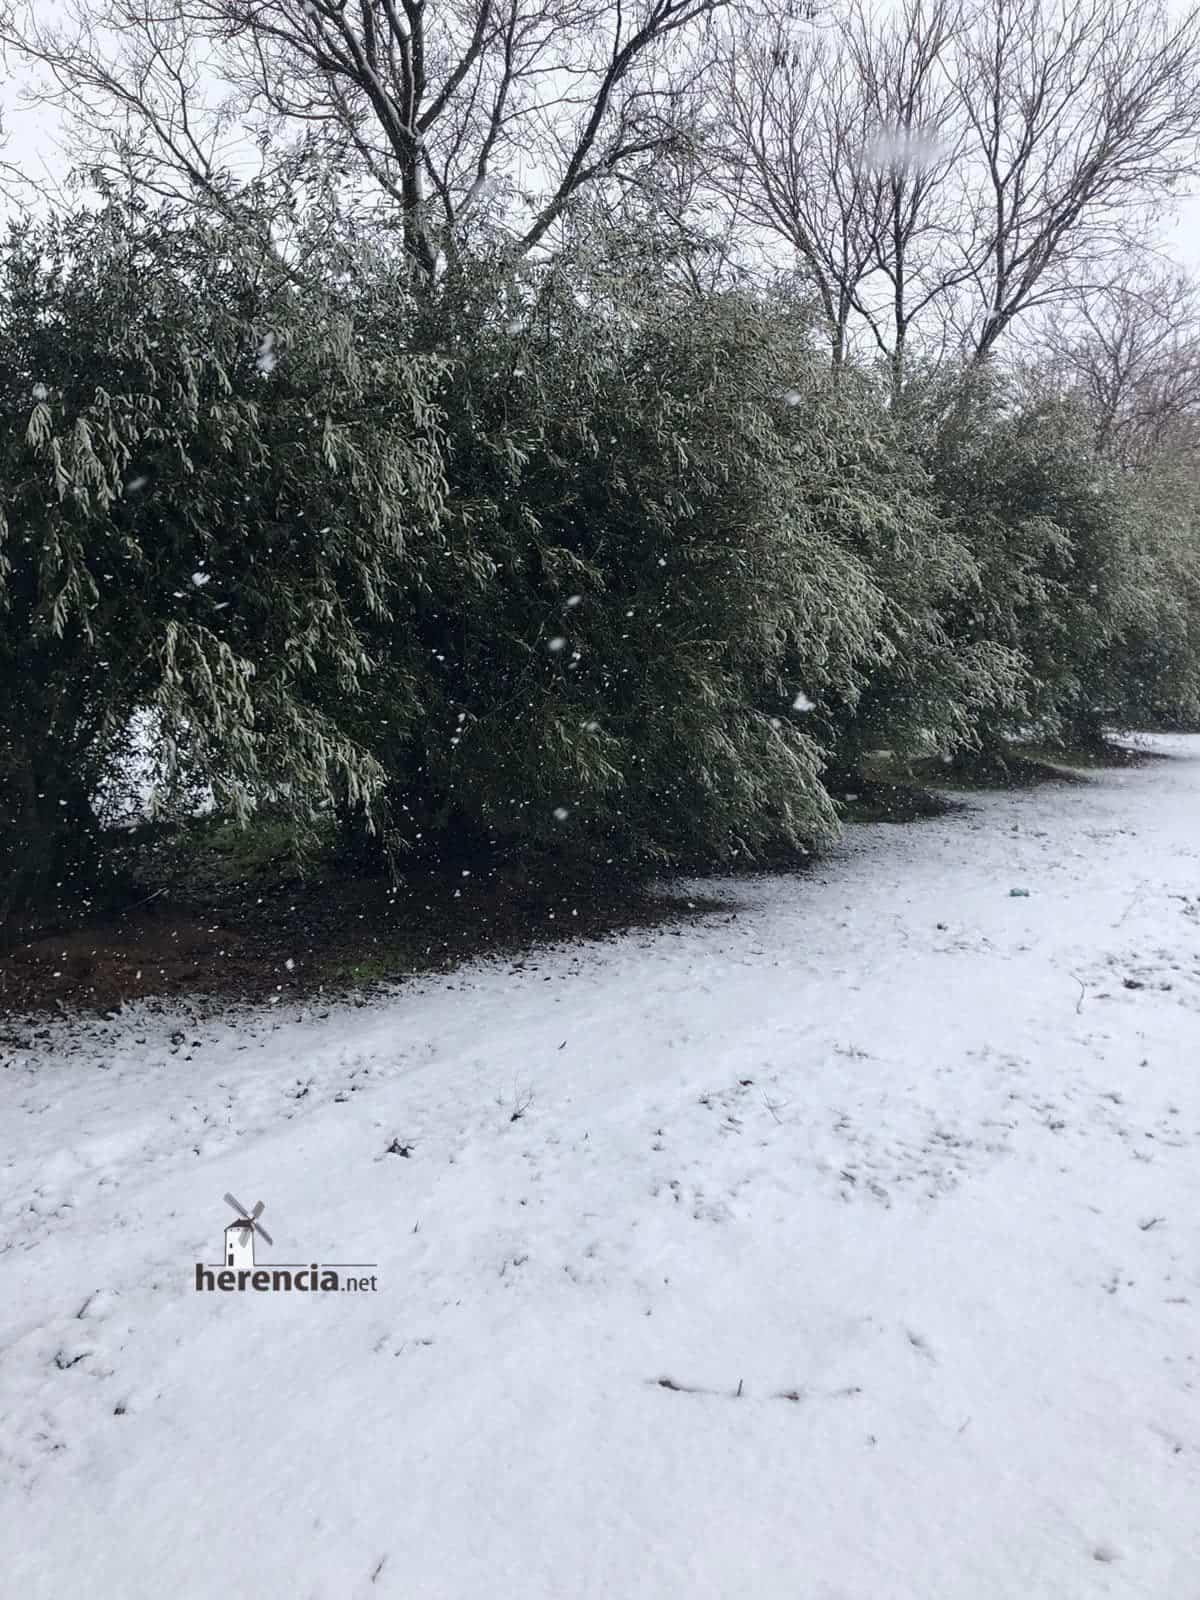 Las nevadas llegan Herencia y a toda Castilla-La Mancha (actualizado) 122